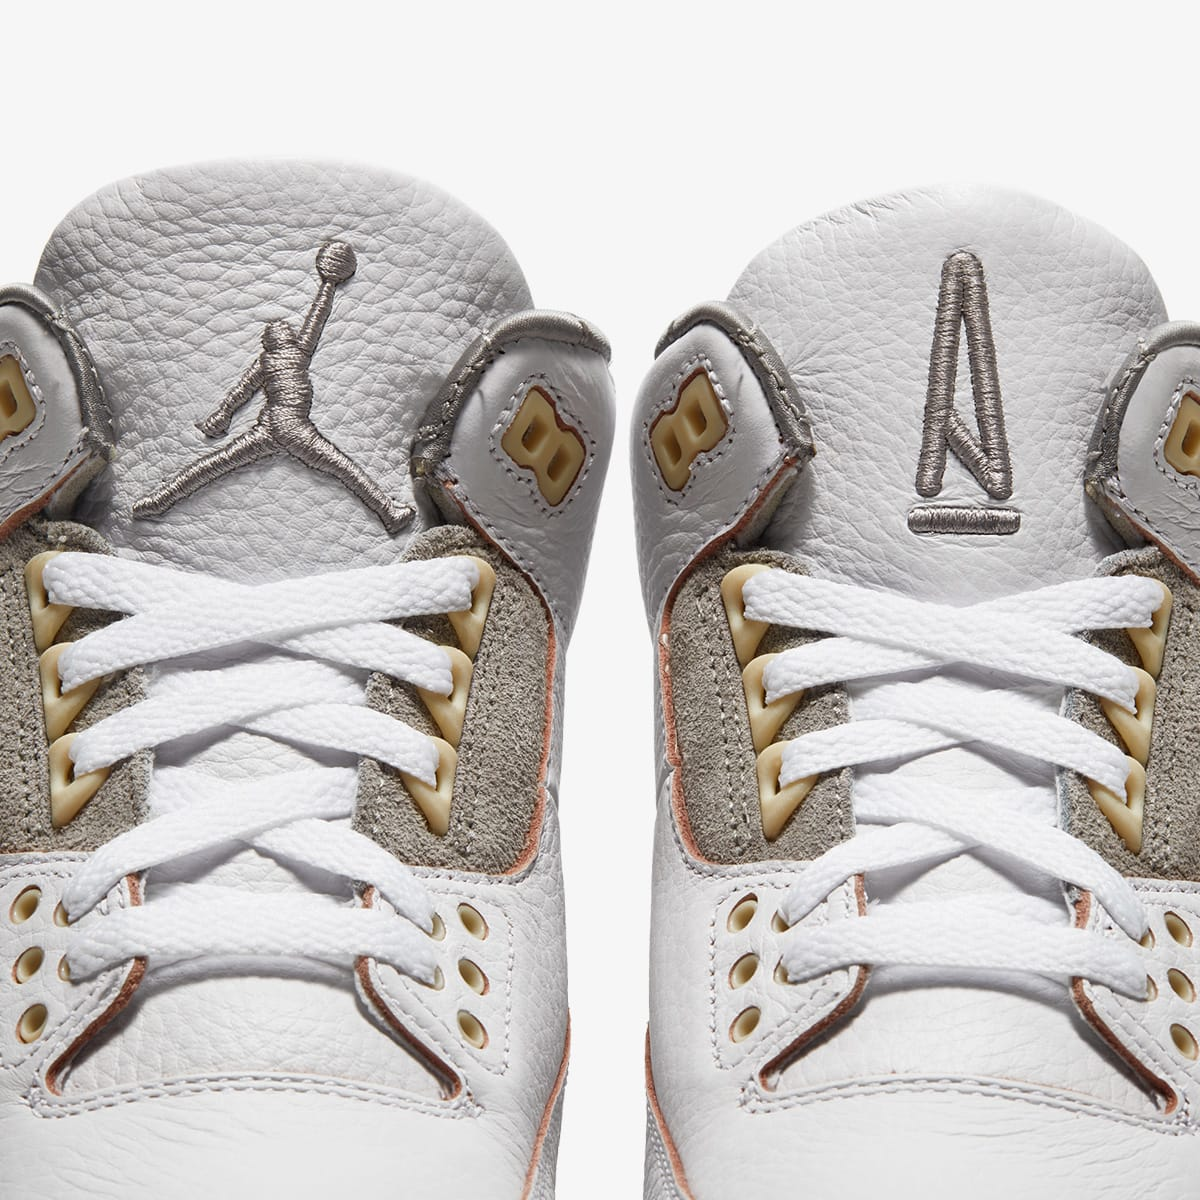 Air Jordan x A Ma Maniere 3 Retro - DH3434-110